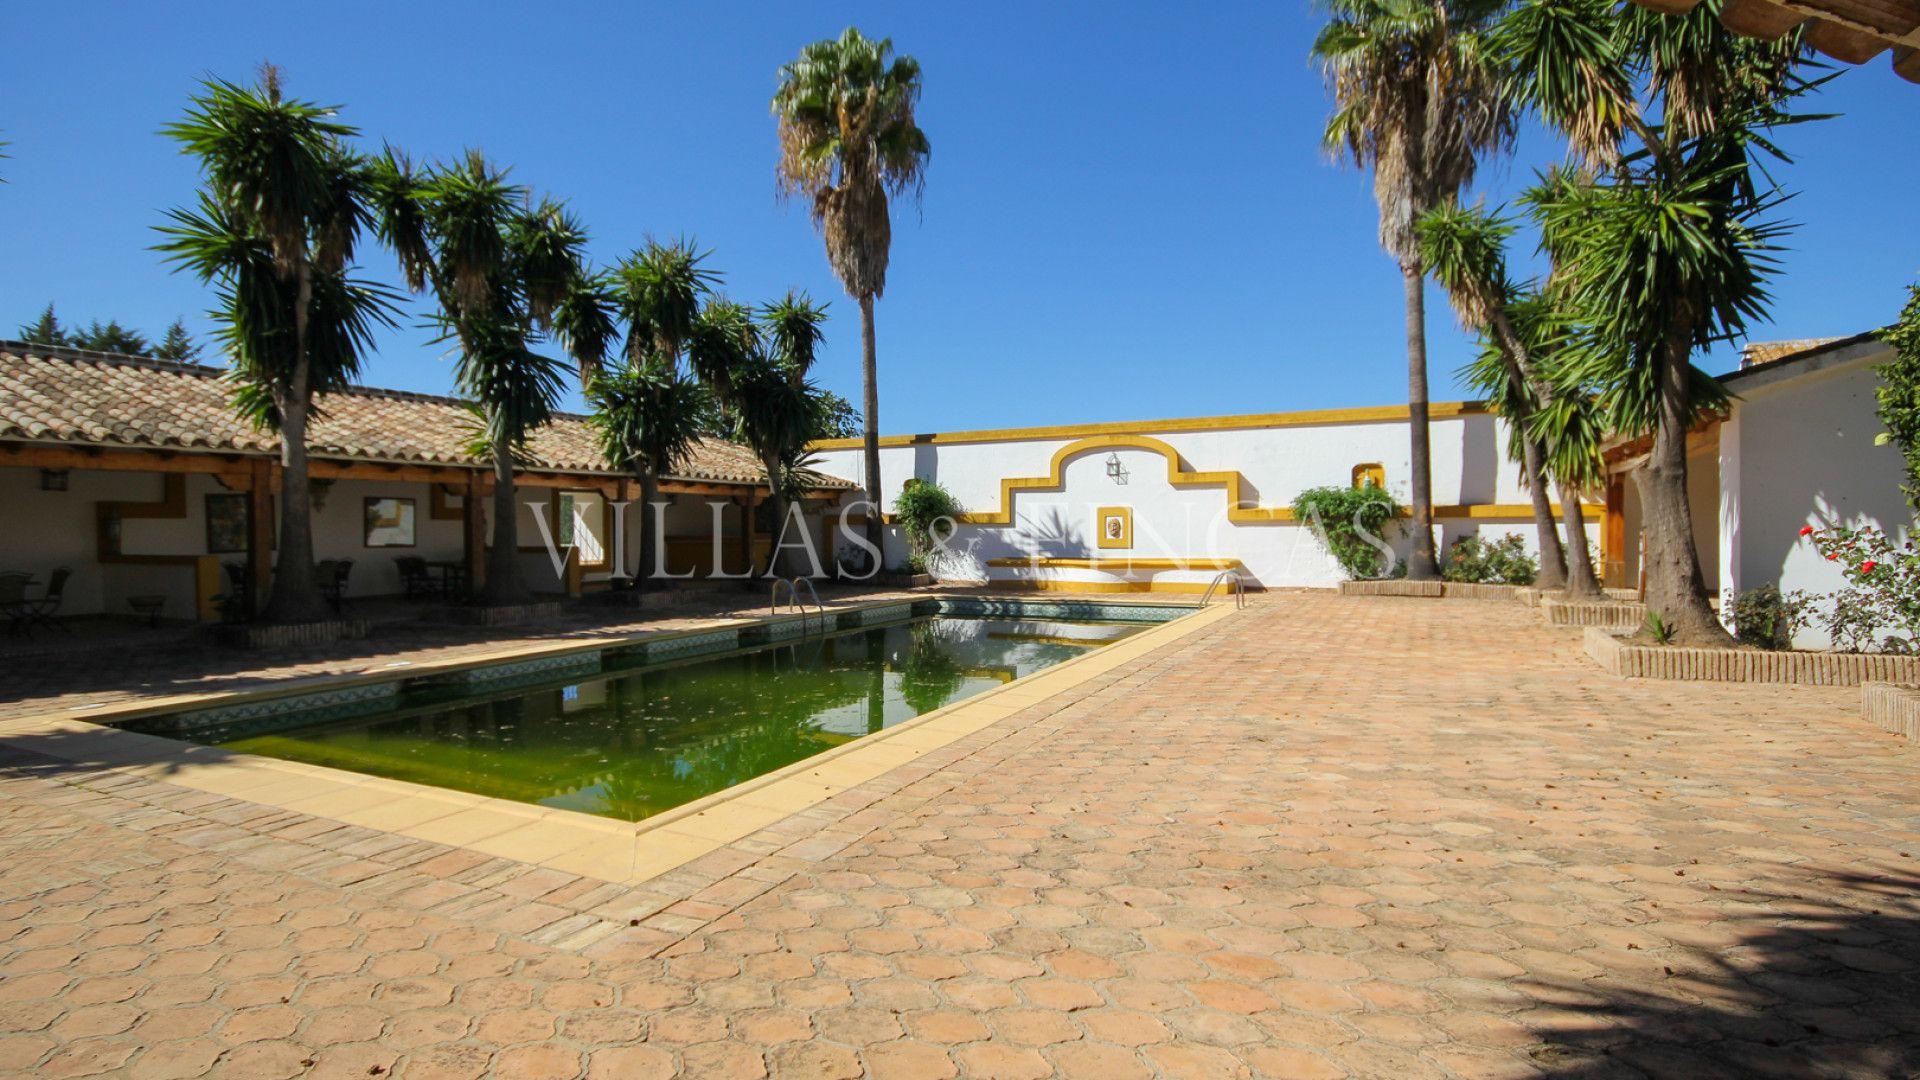 Hacienda en venta en Sevilla. Sensacional finca o Hacienda